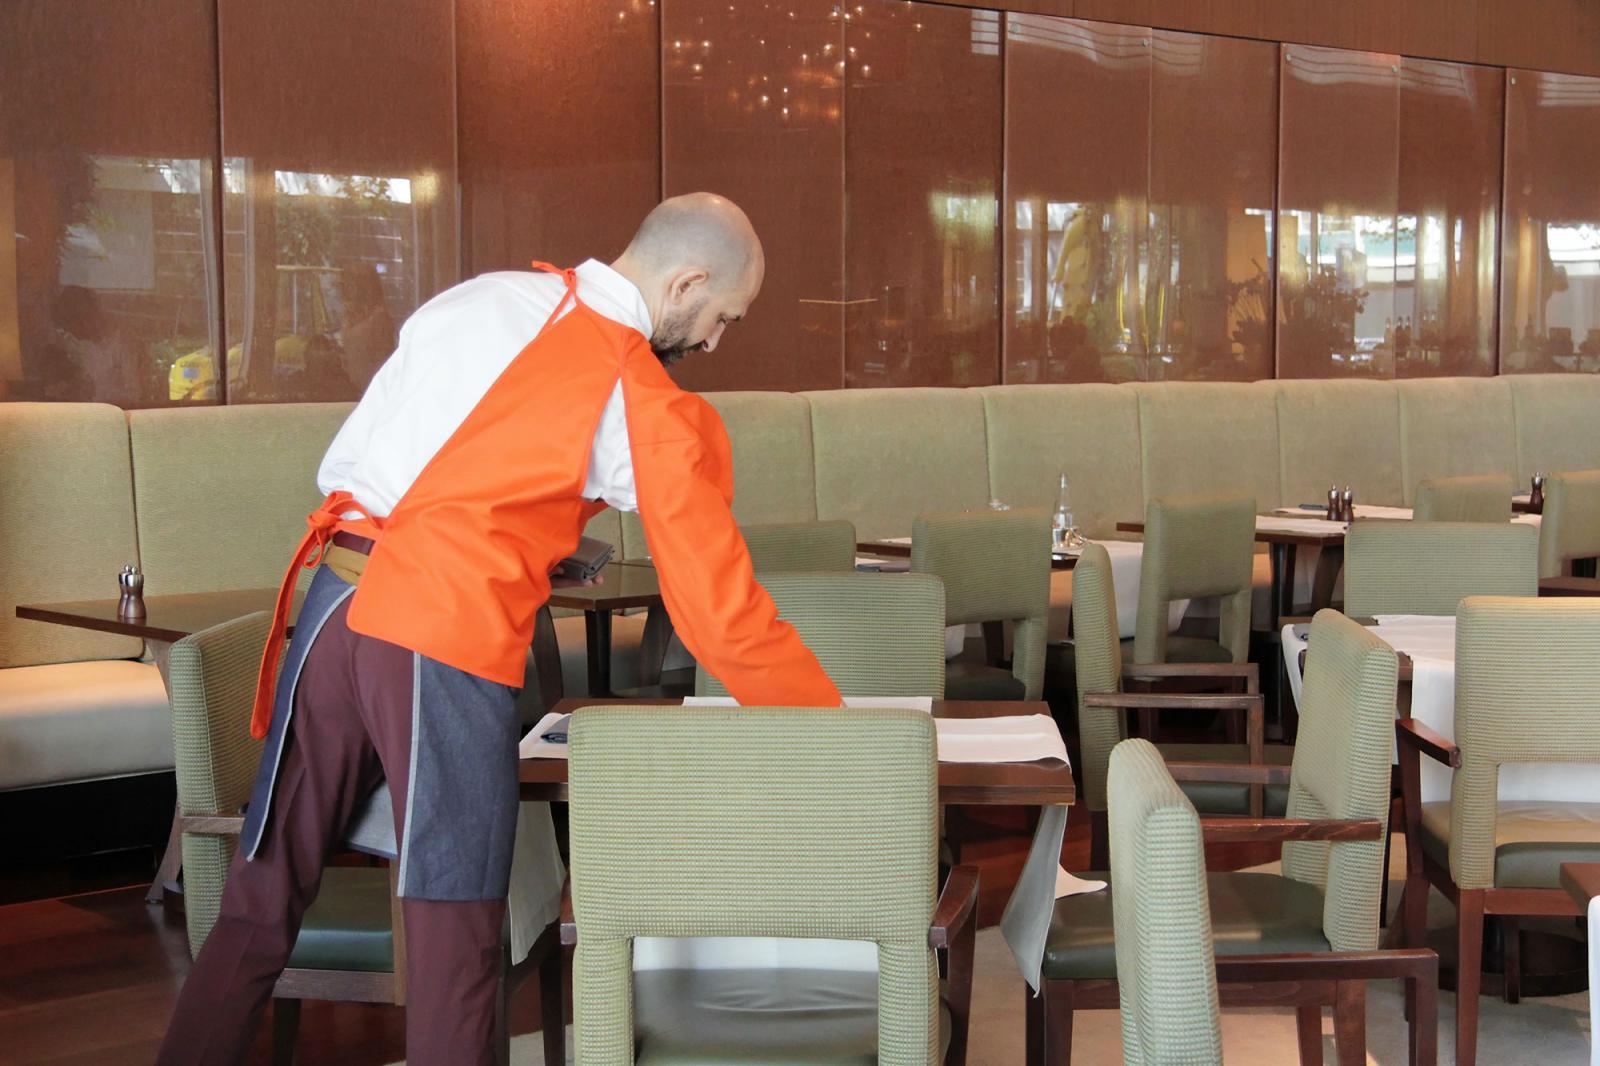 Franz Erhard Walther Installation view/Halved Vest/ atPark Hyatt hotel Photo: Manifesta 11 / Wolfgang Träger